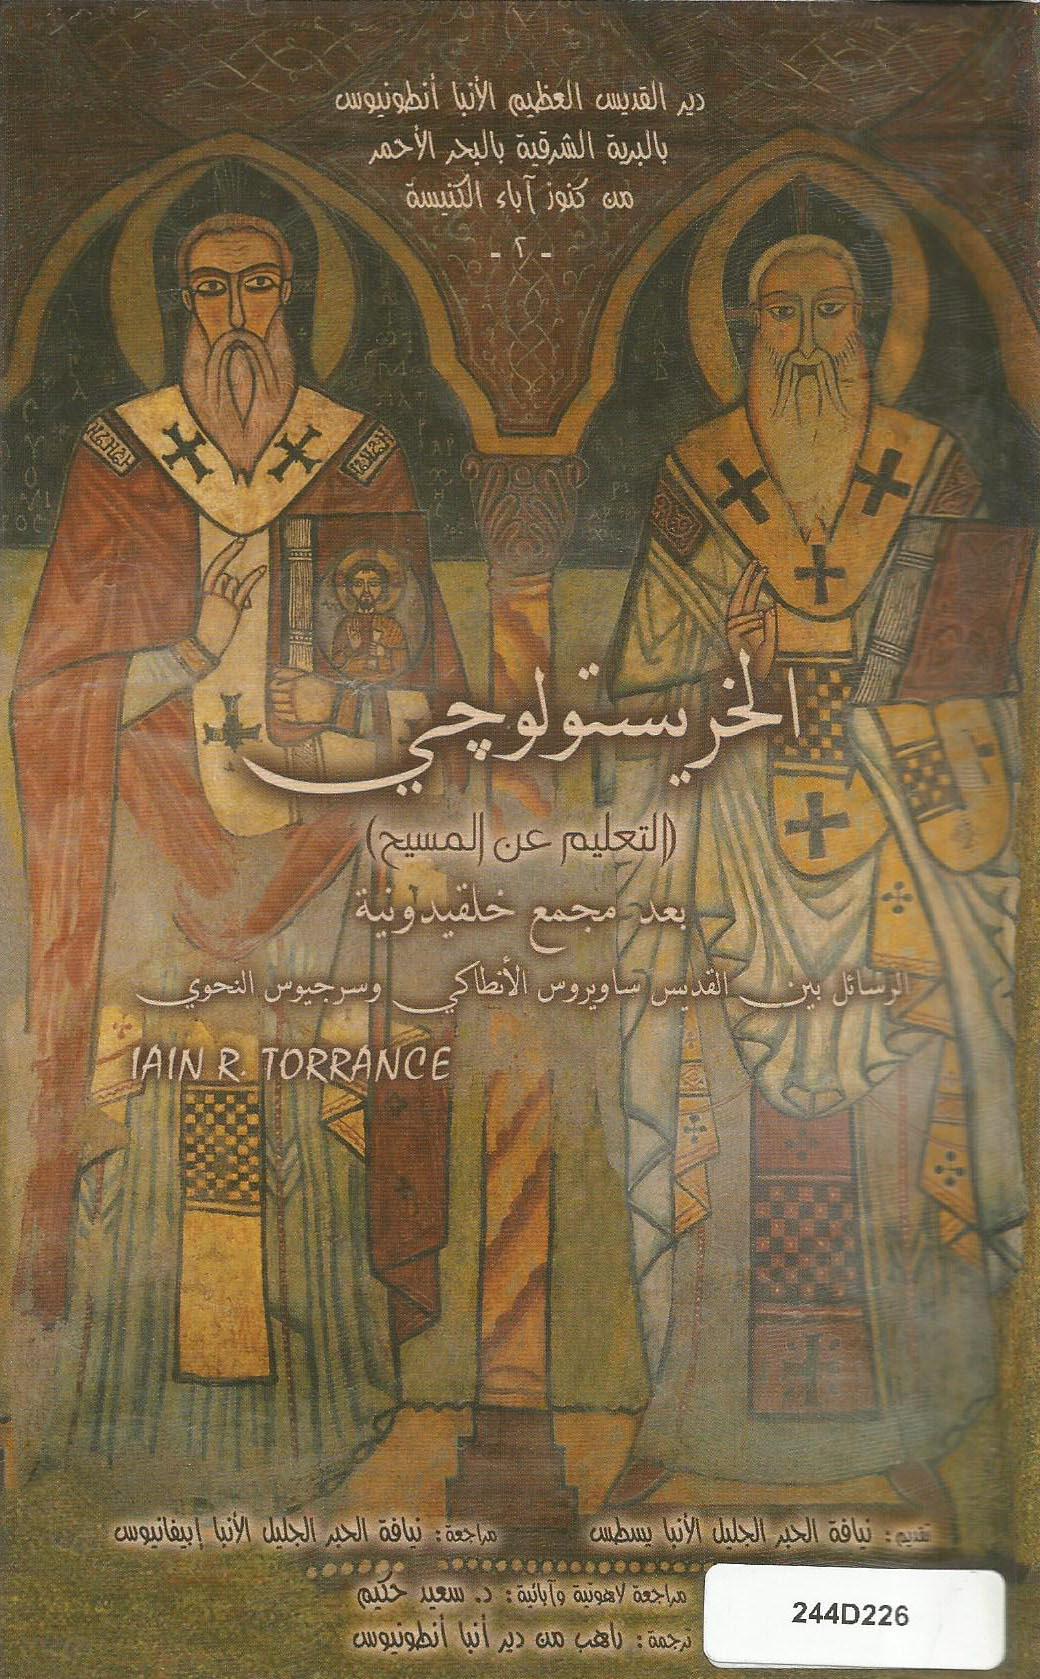 الخريستولوجى بعد مجمع خلقدونية الرسائل بين القديس ساويروس الانطاكى وسرجيوس النحوى